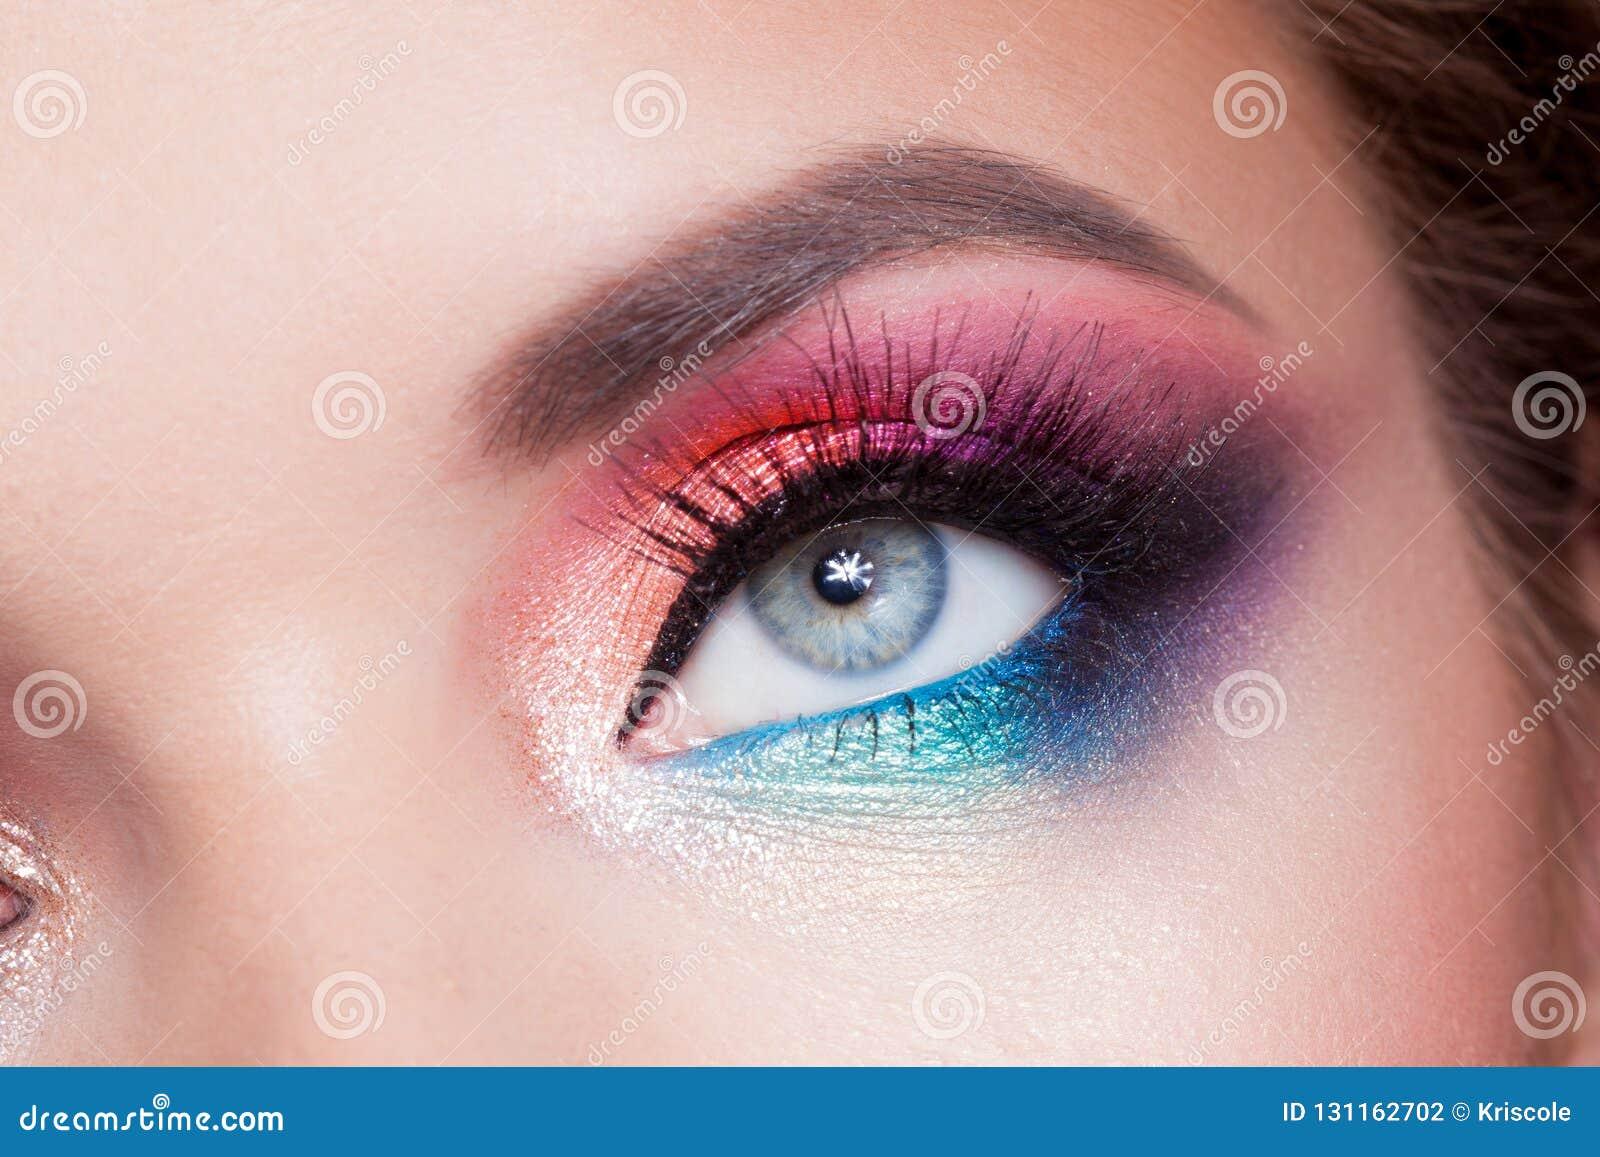 Maquillaje Brillante Del Ojo Rosa Y Color Azul Sombreador De Ojos Coloreado Foto De Archivo Imagen De Ojos Azul 131162702